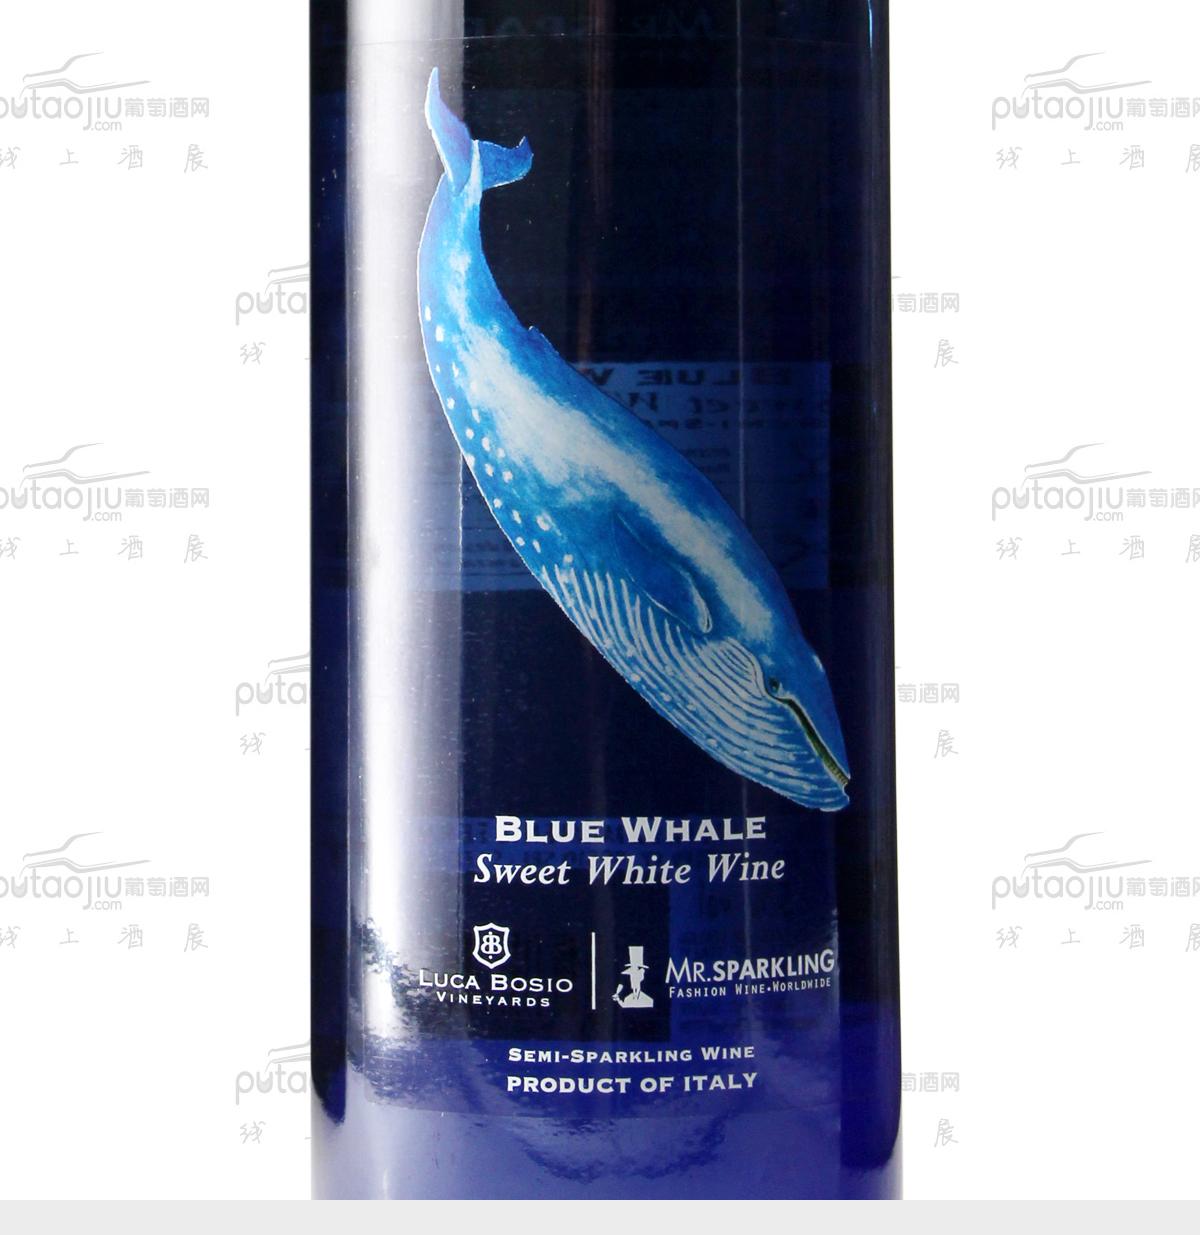 意大利皮埃蒙特博斯奥酒庄ROSIO S.R.L莫斯卡托玛尔维萨蓝海之鲸起泡葡萄酒